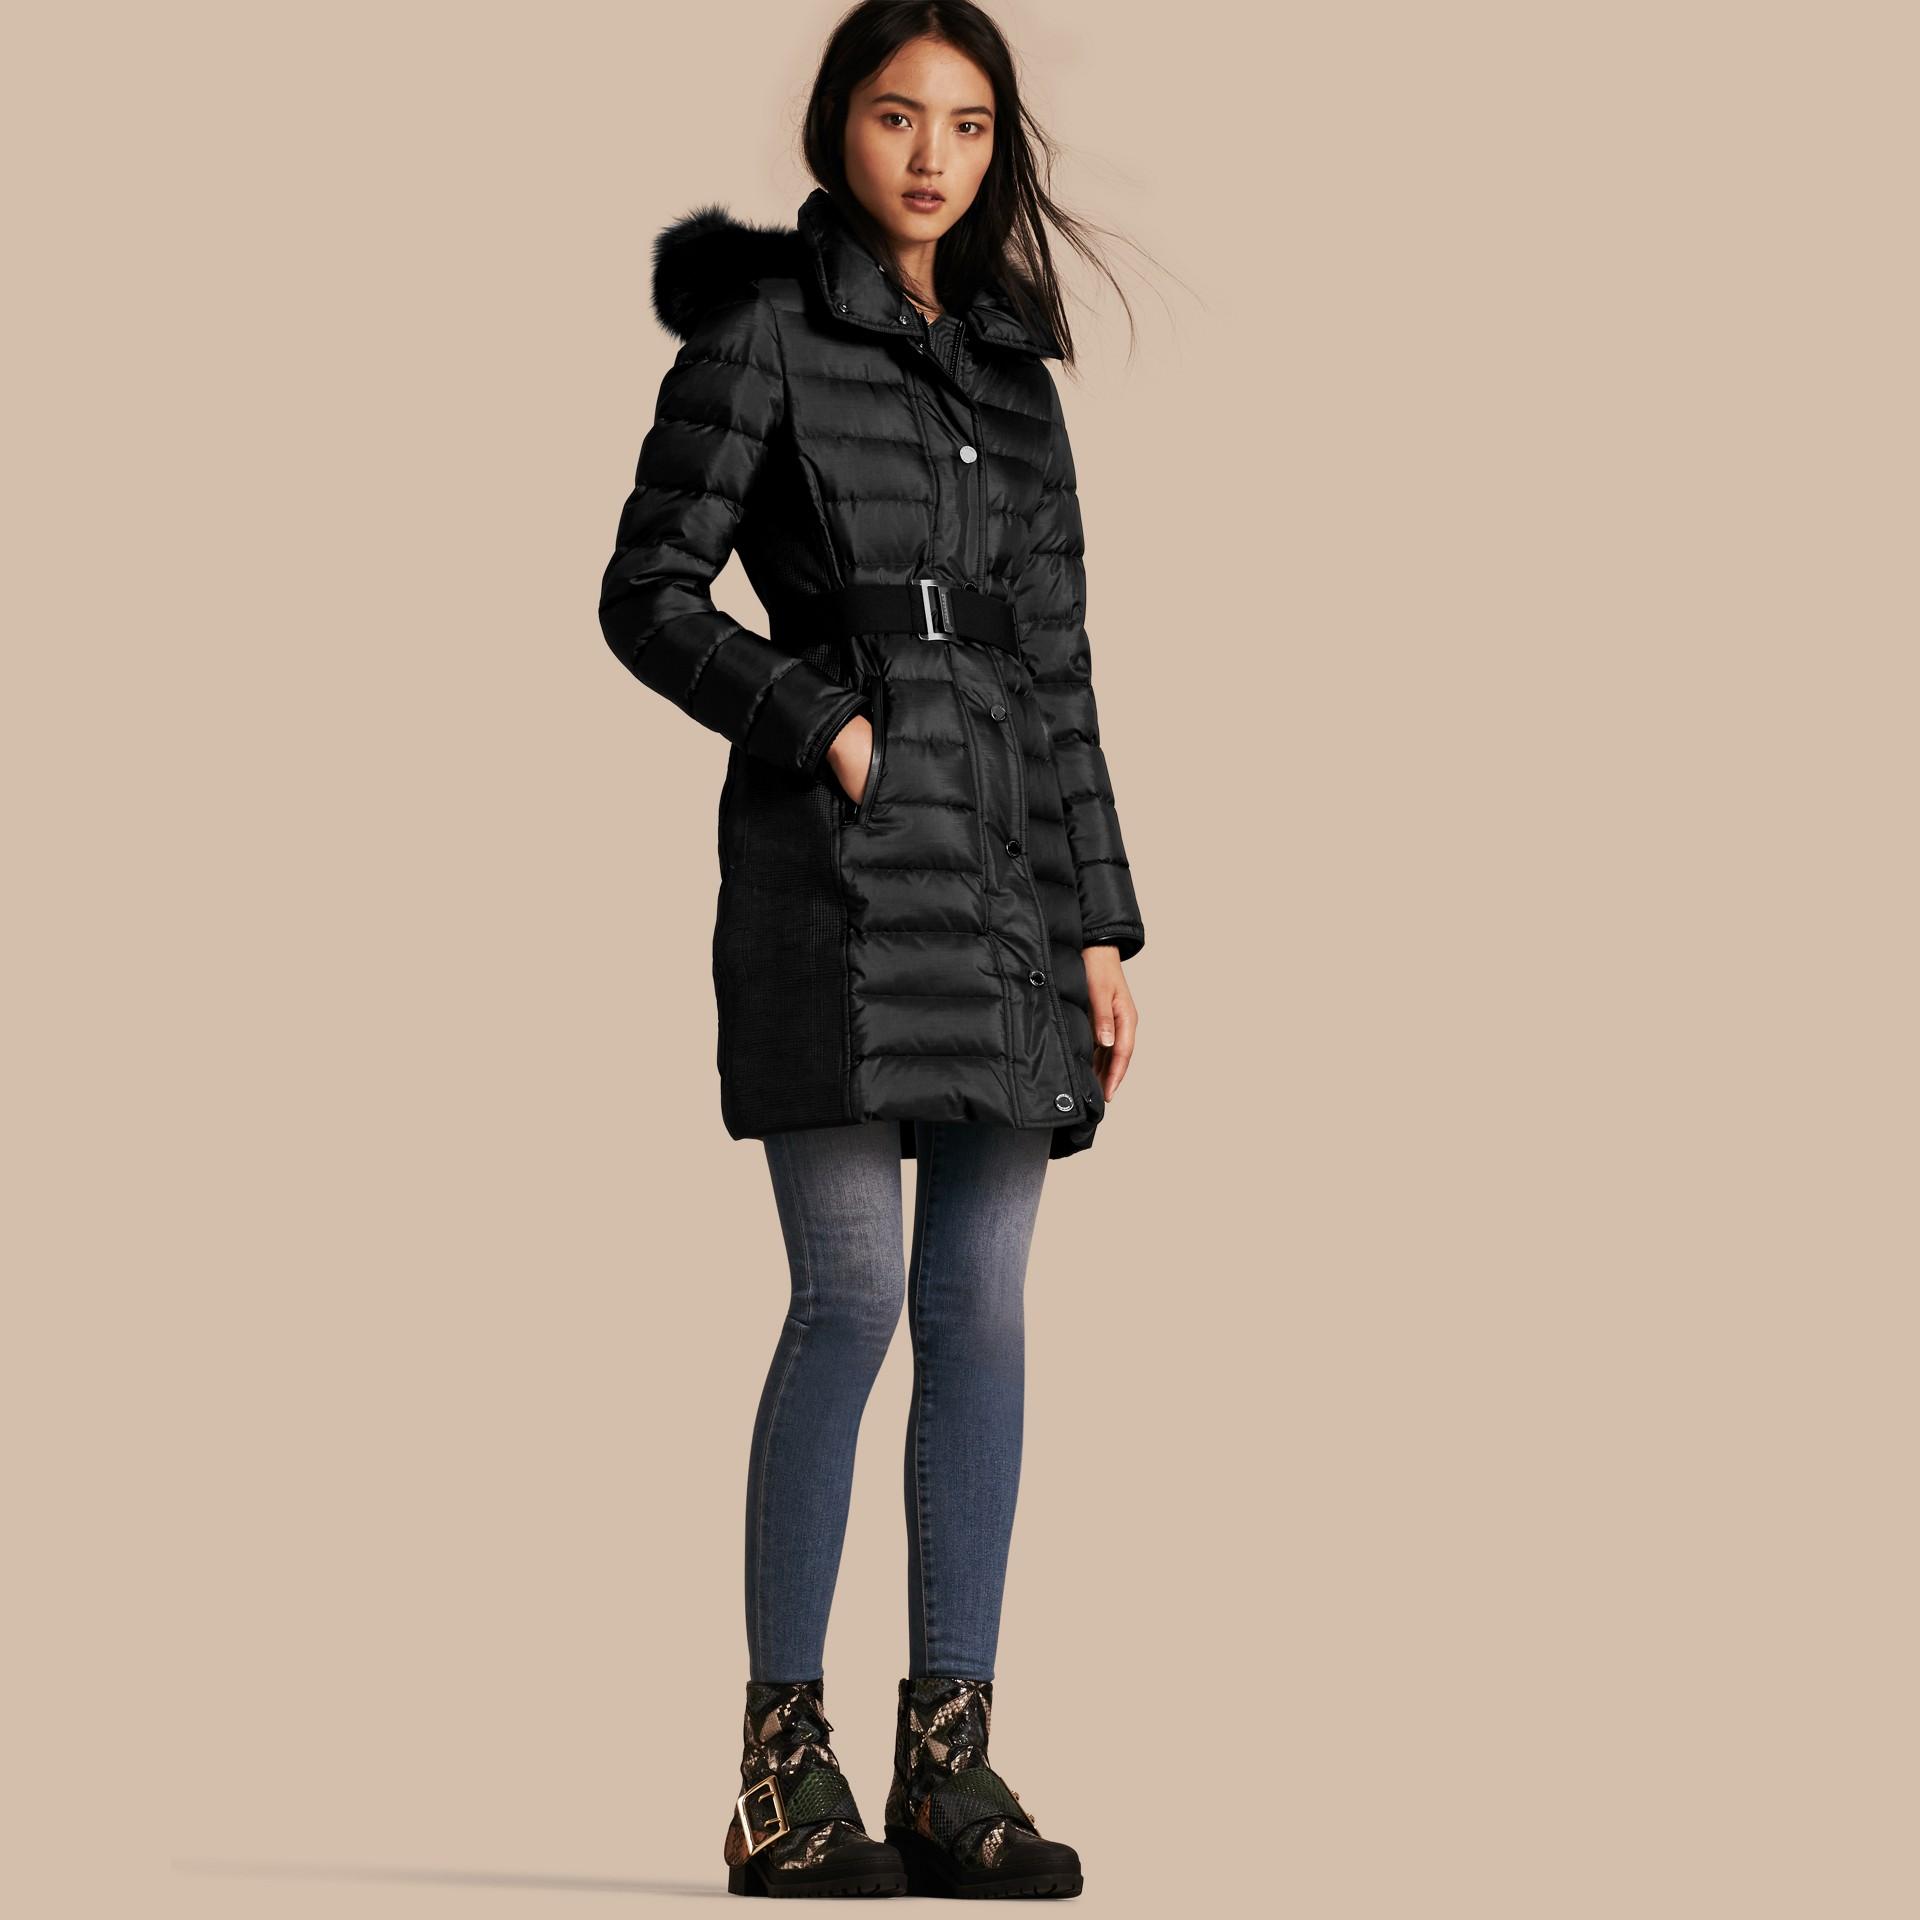 Черный Пуховое пальто с меховой опушкой Черный - изображение 1